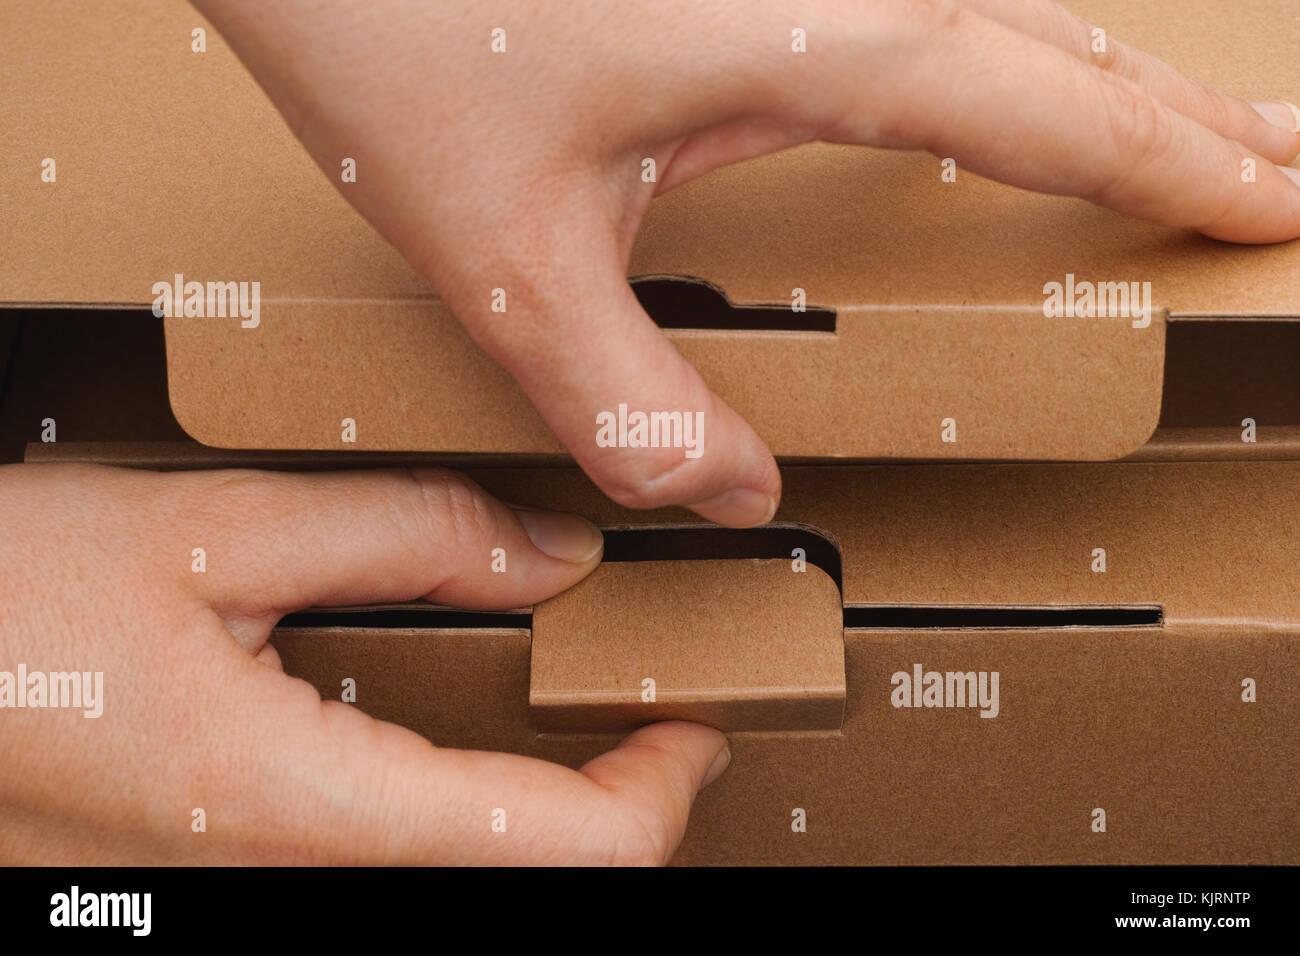 Personne mains l'ouverture d'une boîte en carton. close-up. Photo Stock